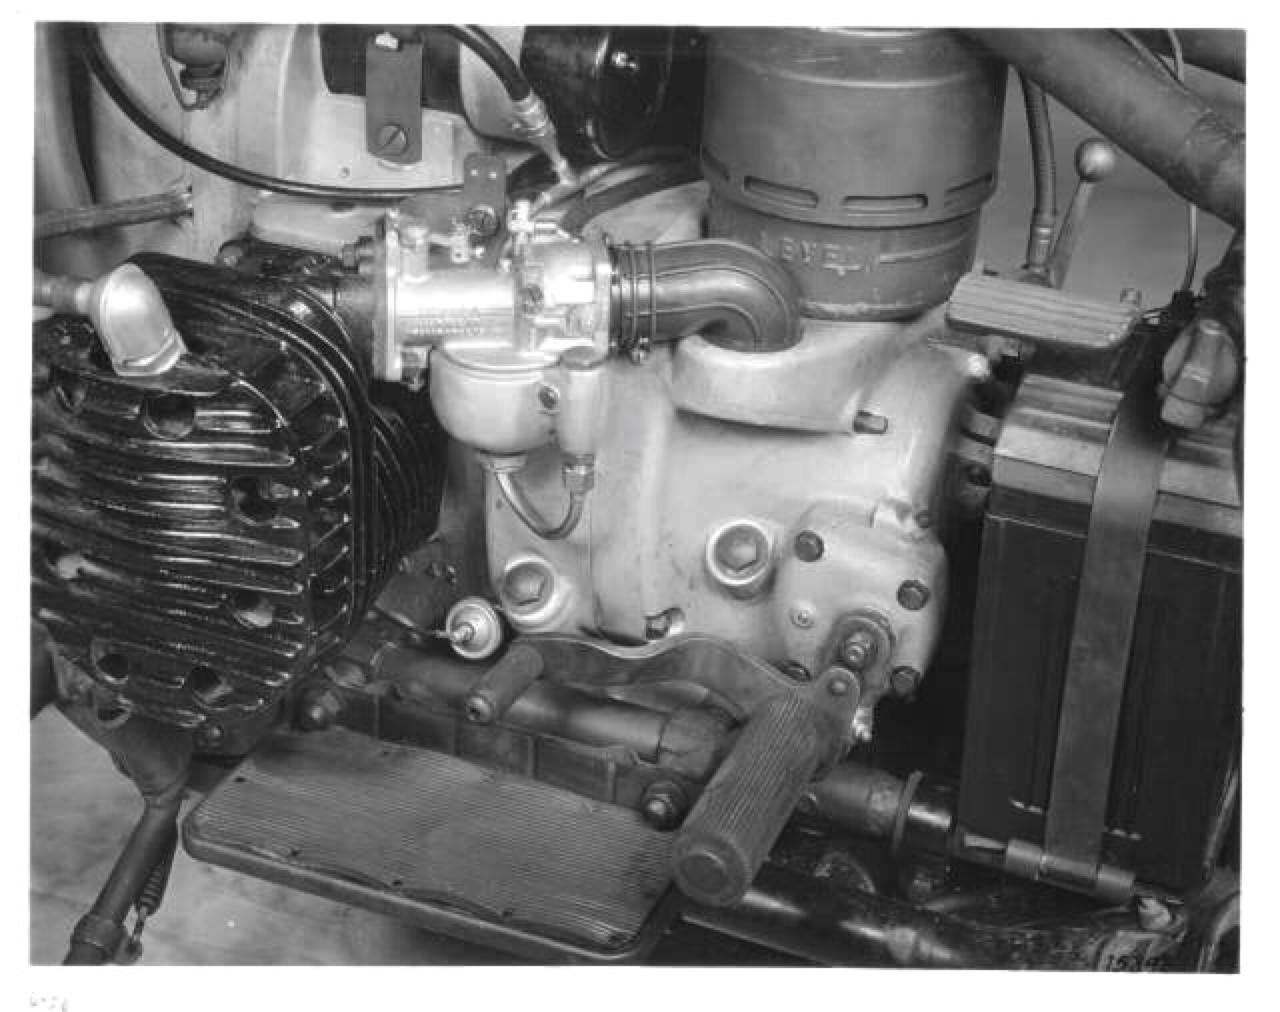 Motor XA - Detalle del cilindro izquierdo y carburador